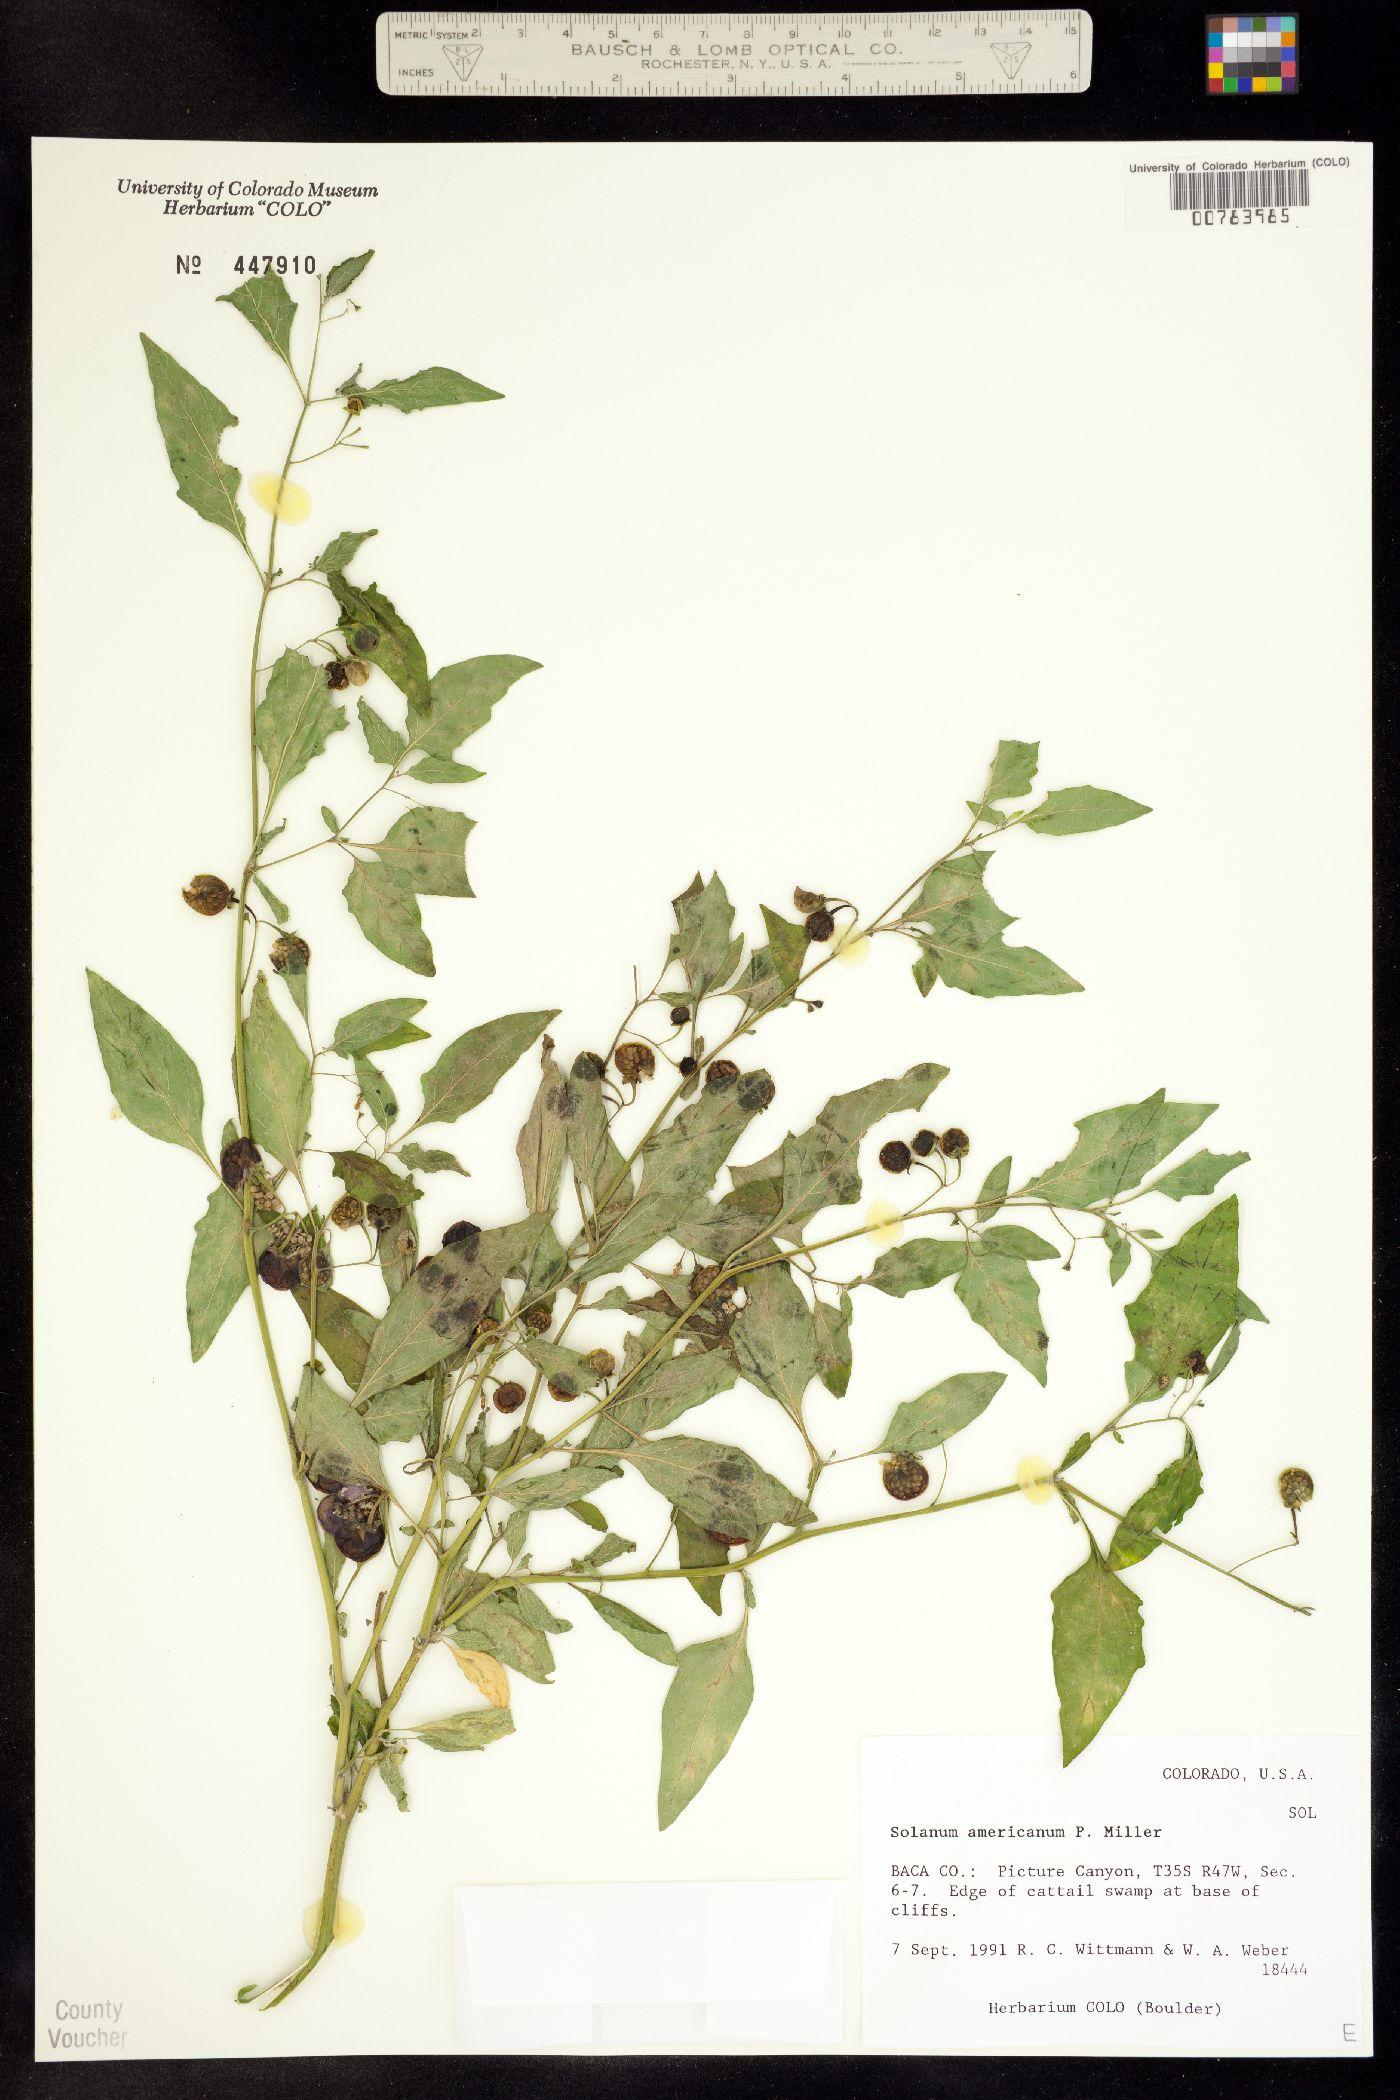 Solanum image